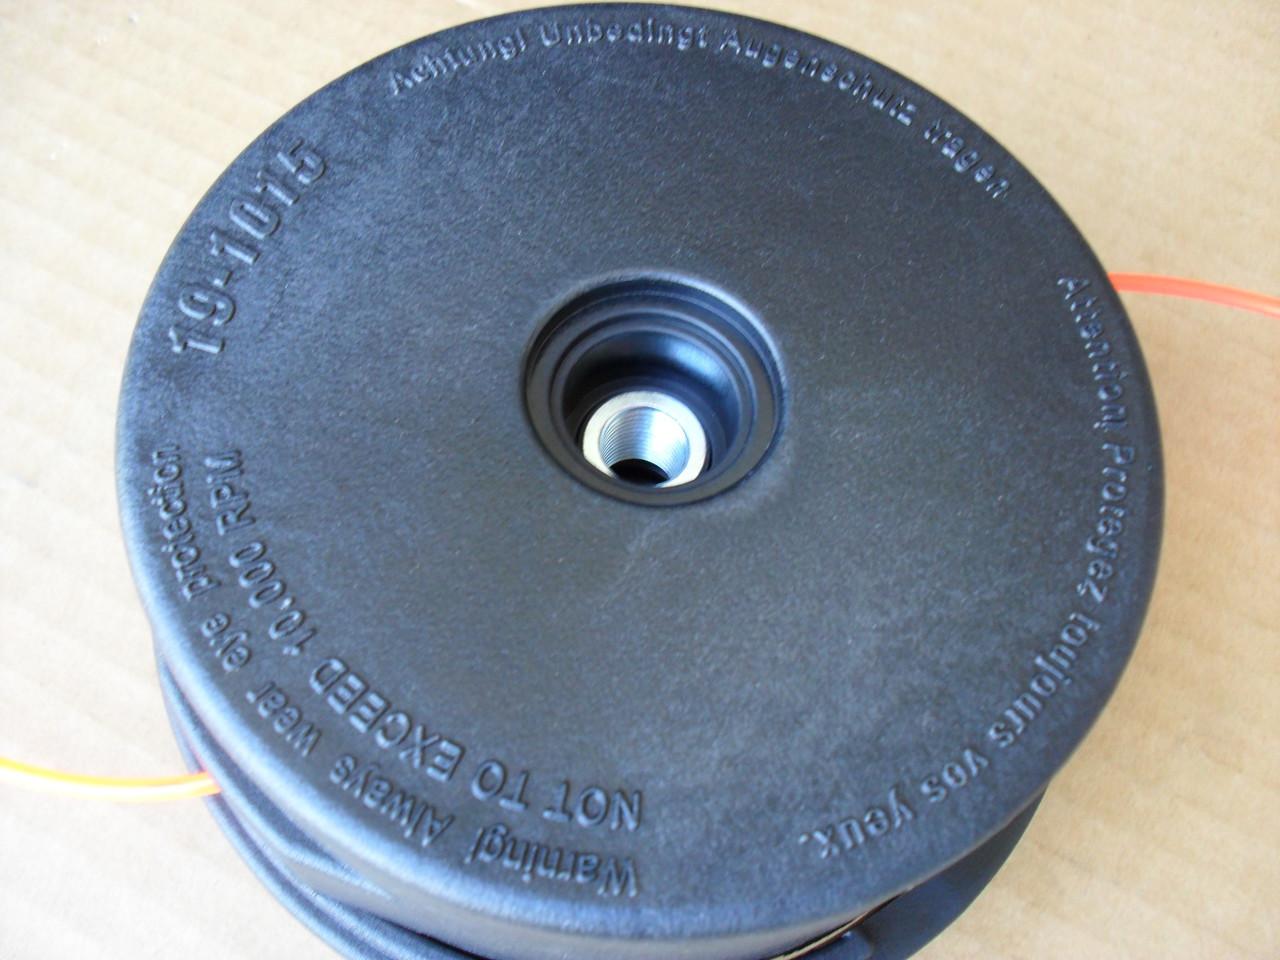 Bump Feed Head for Stihl FS55, FS55R, FS56, FS56RCE, FS70, FS70R, FS80,  FS80R, FS90, FS90R, FS100RX, FS110, FS110RX, FS130, FS130R, FS240, FS240R,